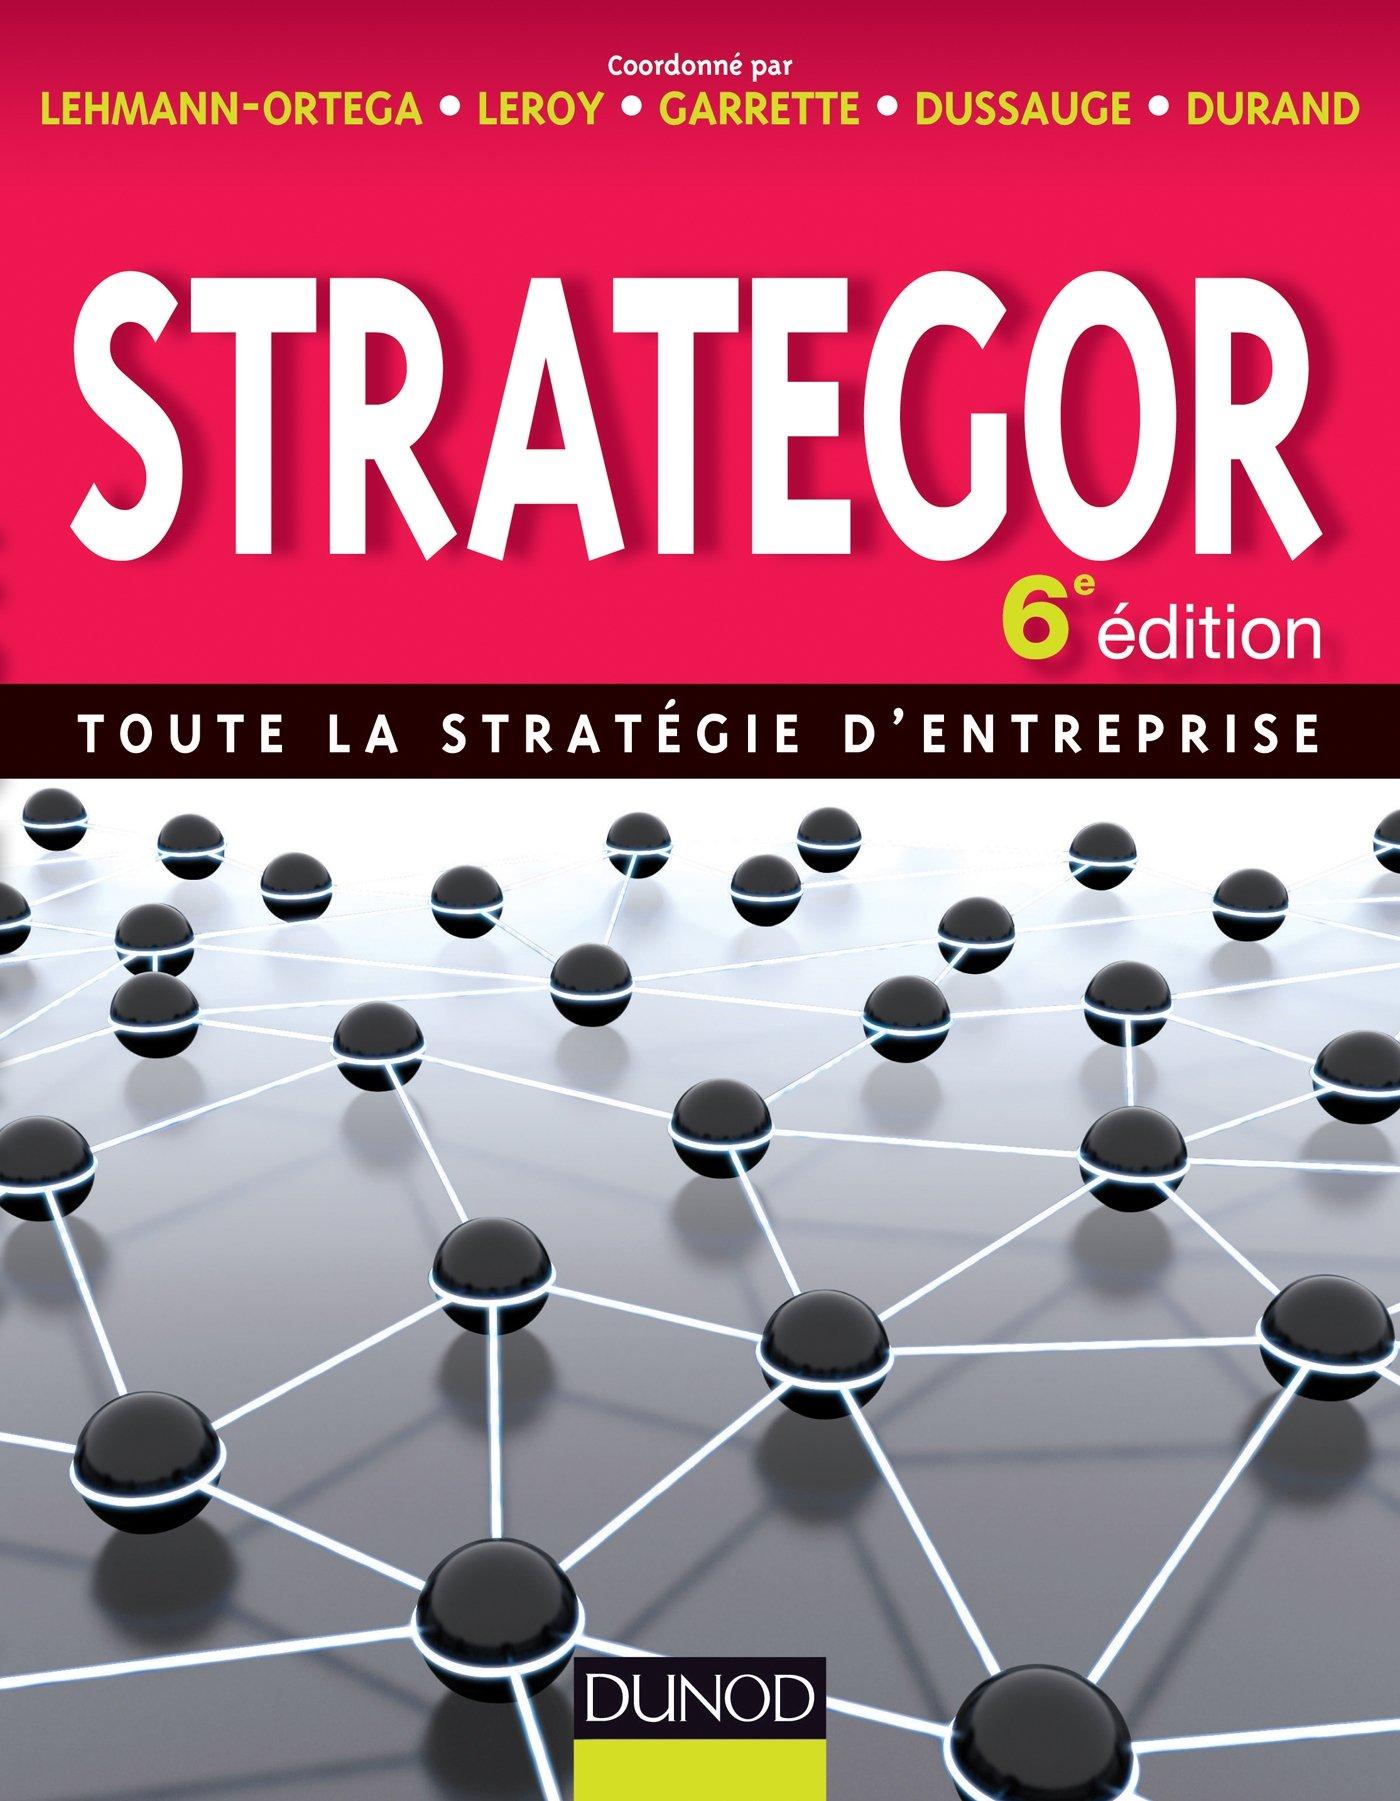 Strategor  6e édition  Toute La Strat�gie D'entreprise: 9782100598649:  Amazon: Books